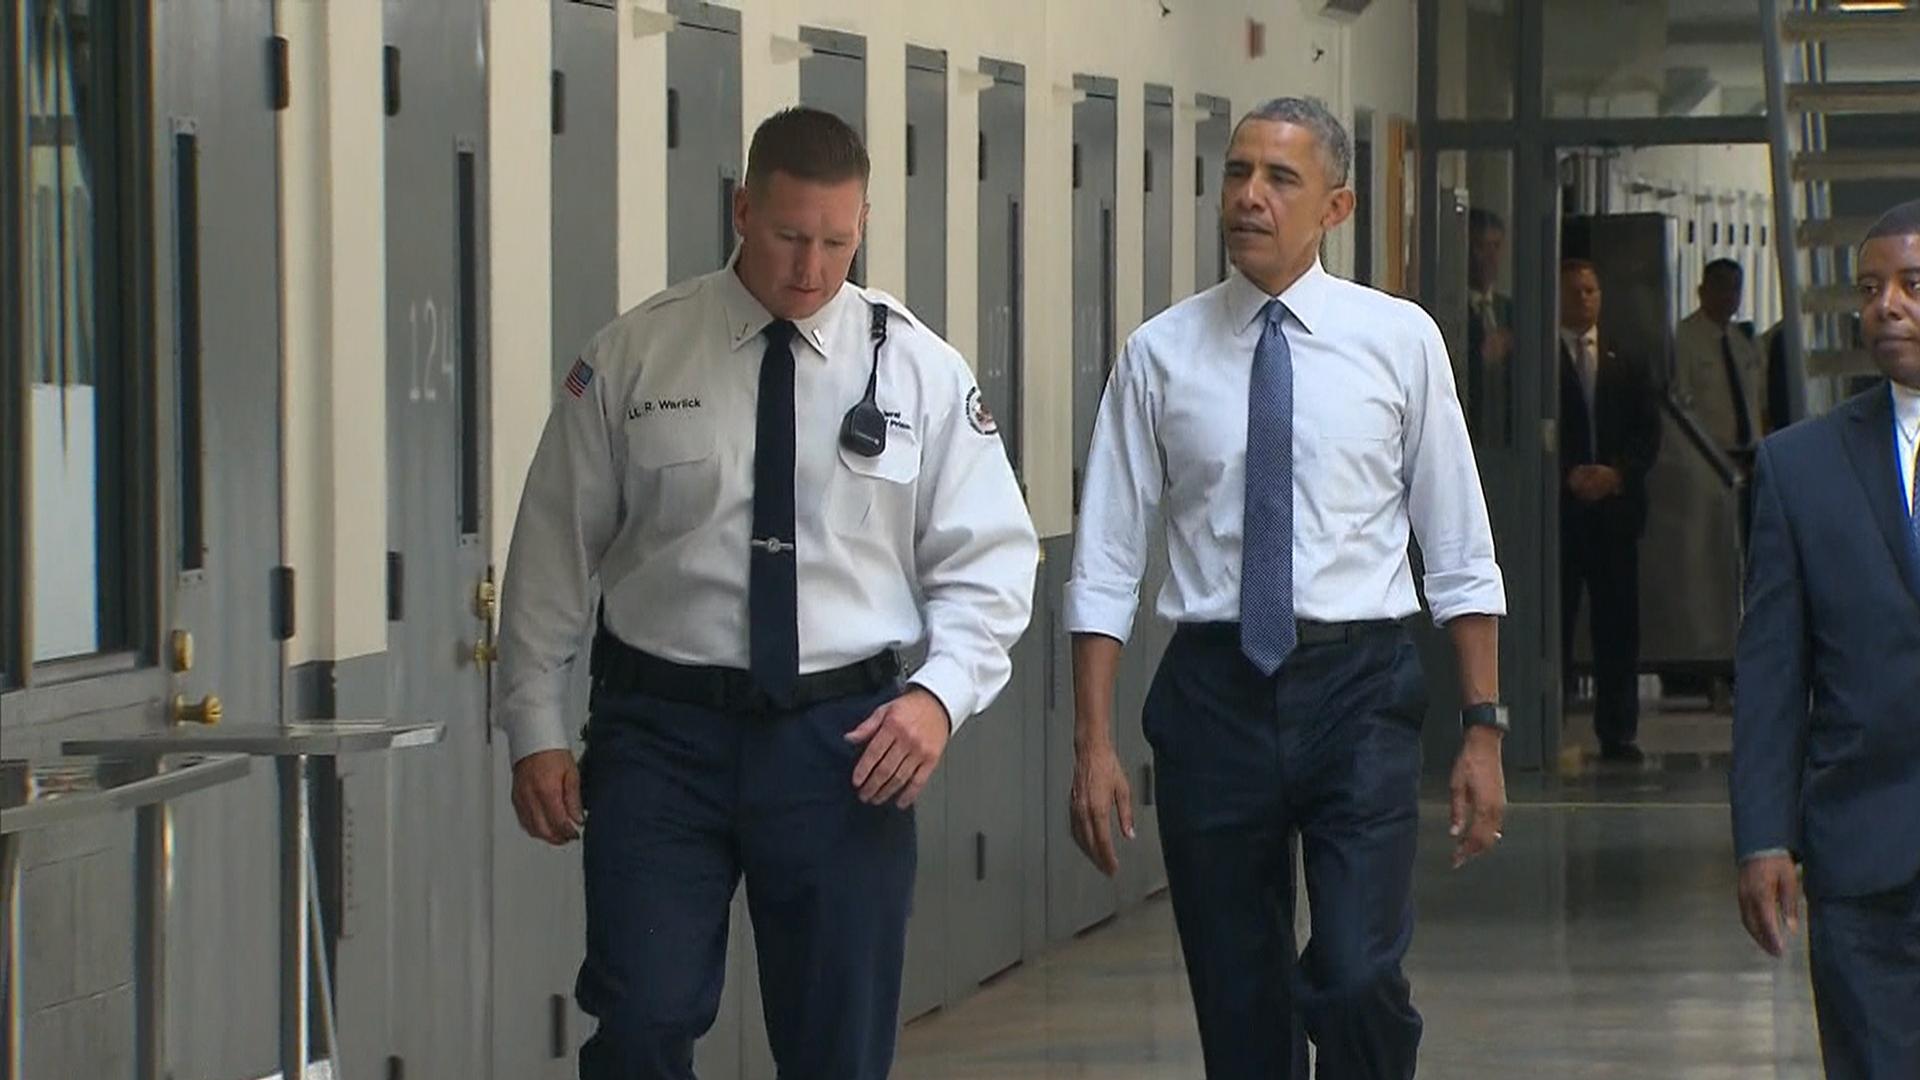 Obama pushes for prison reform after federal prison visit for Bureau sentence